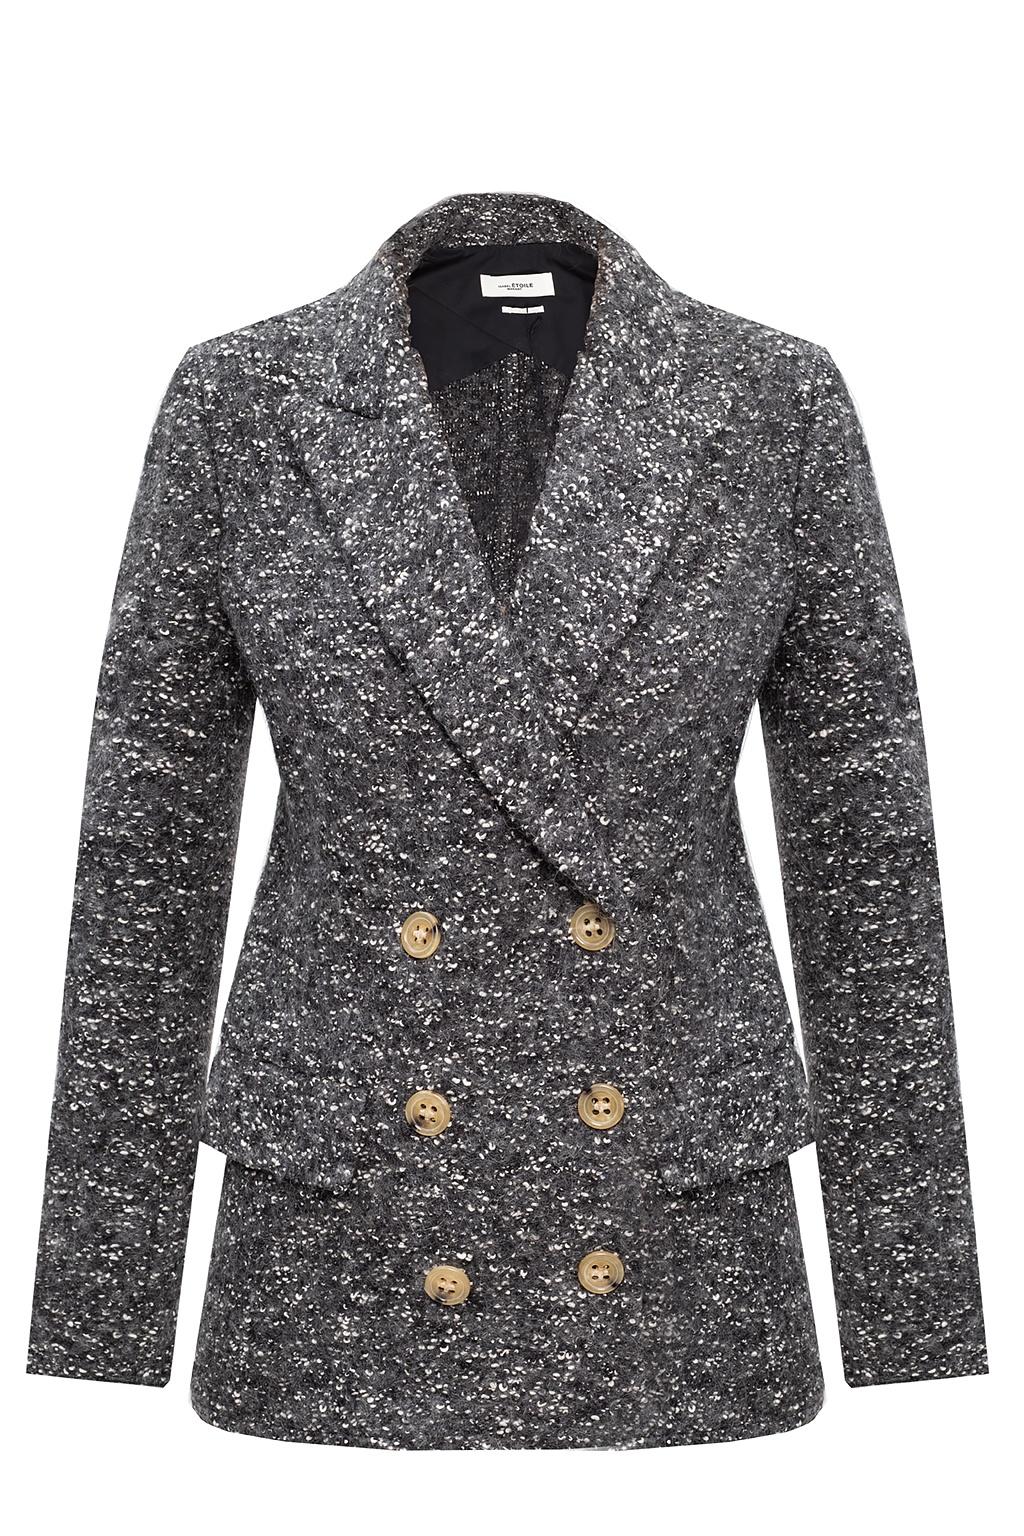 Isabel Marant Etoile Double-breasted blazer